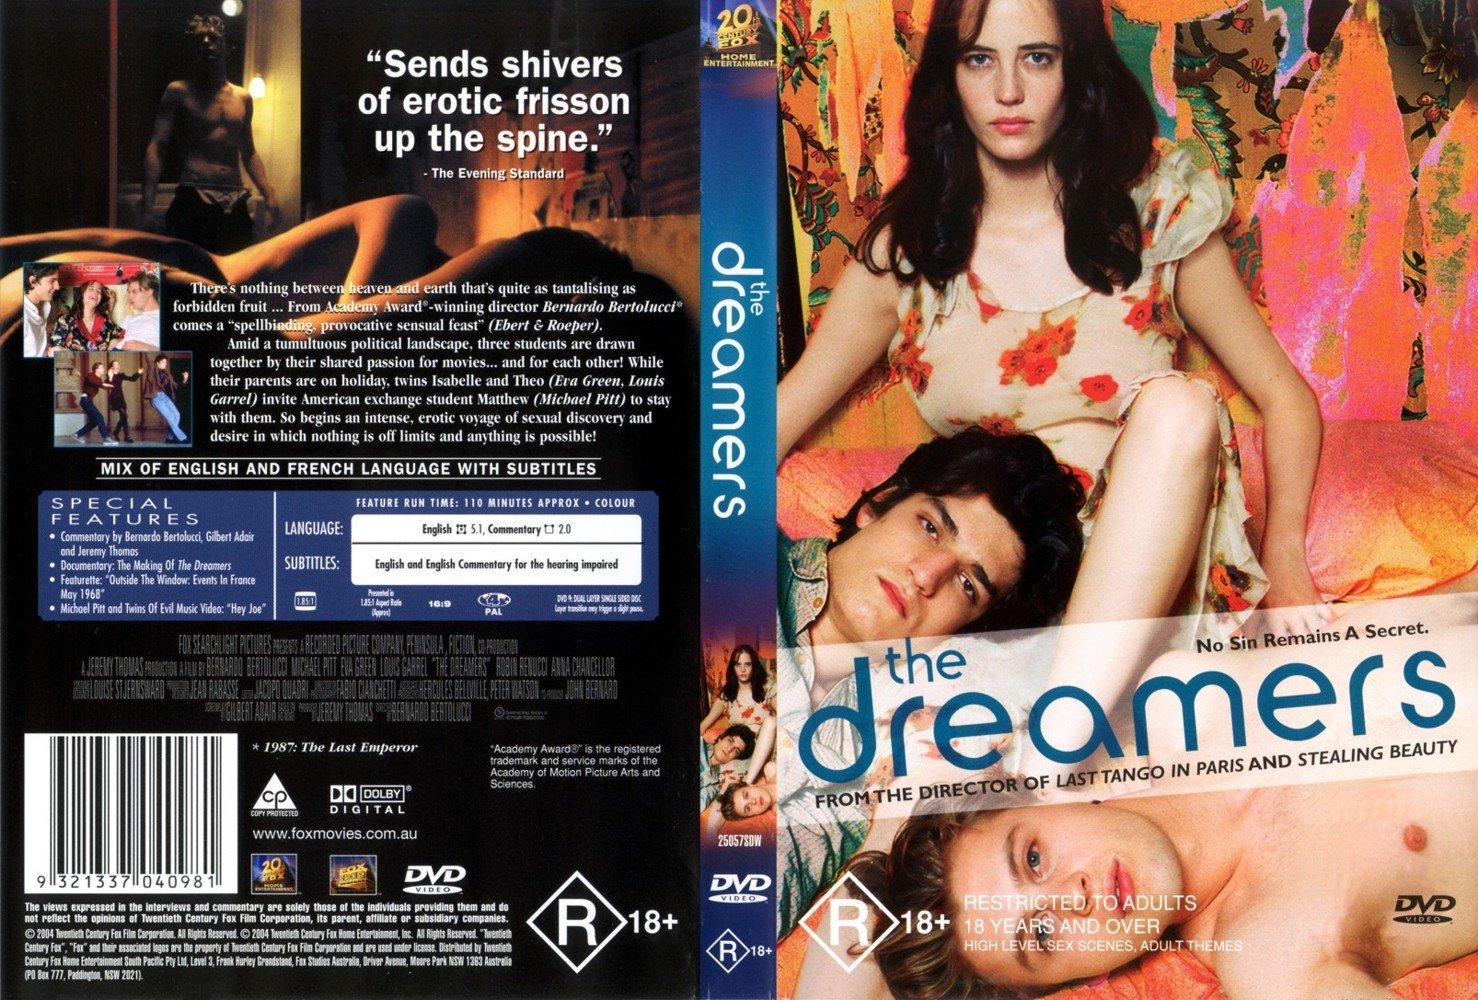 http://1.bp.blogspot.com/-zT7WILuz8j0/TkkftKGtBZI/AAAAAAAABUk/ekVMvH7cgkY/s1600/The.Dreamers.2003.Front1.jpg